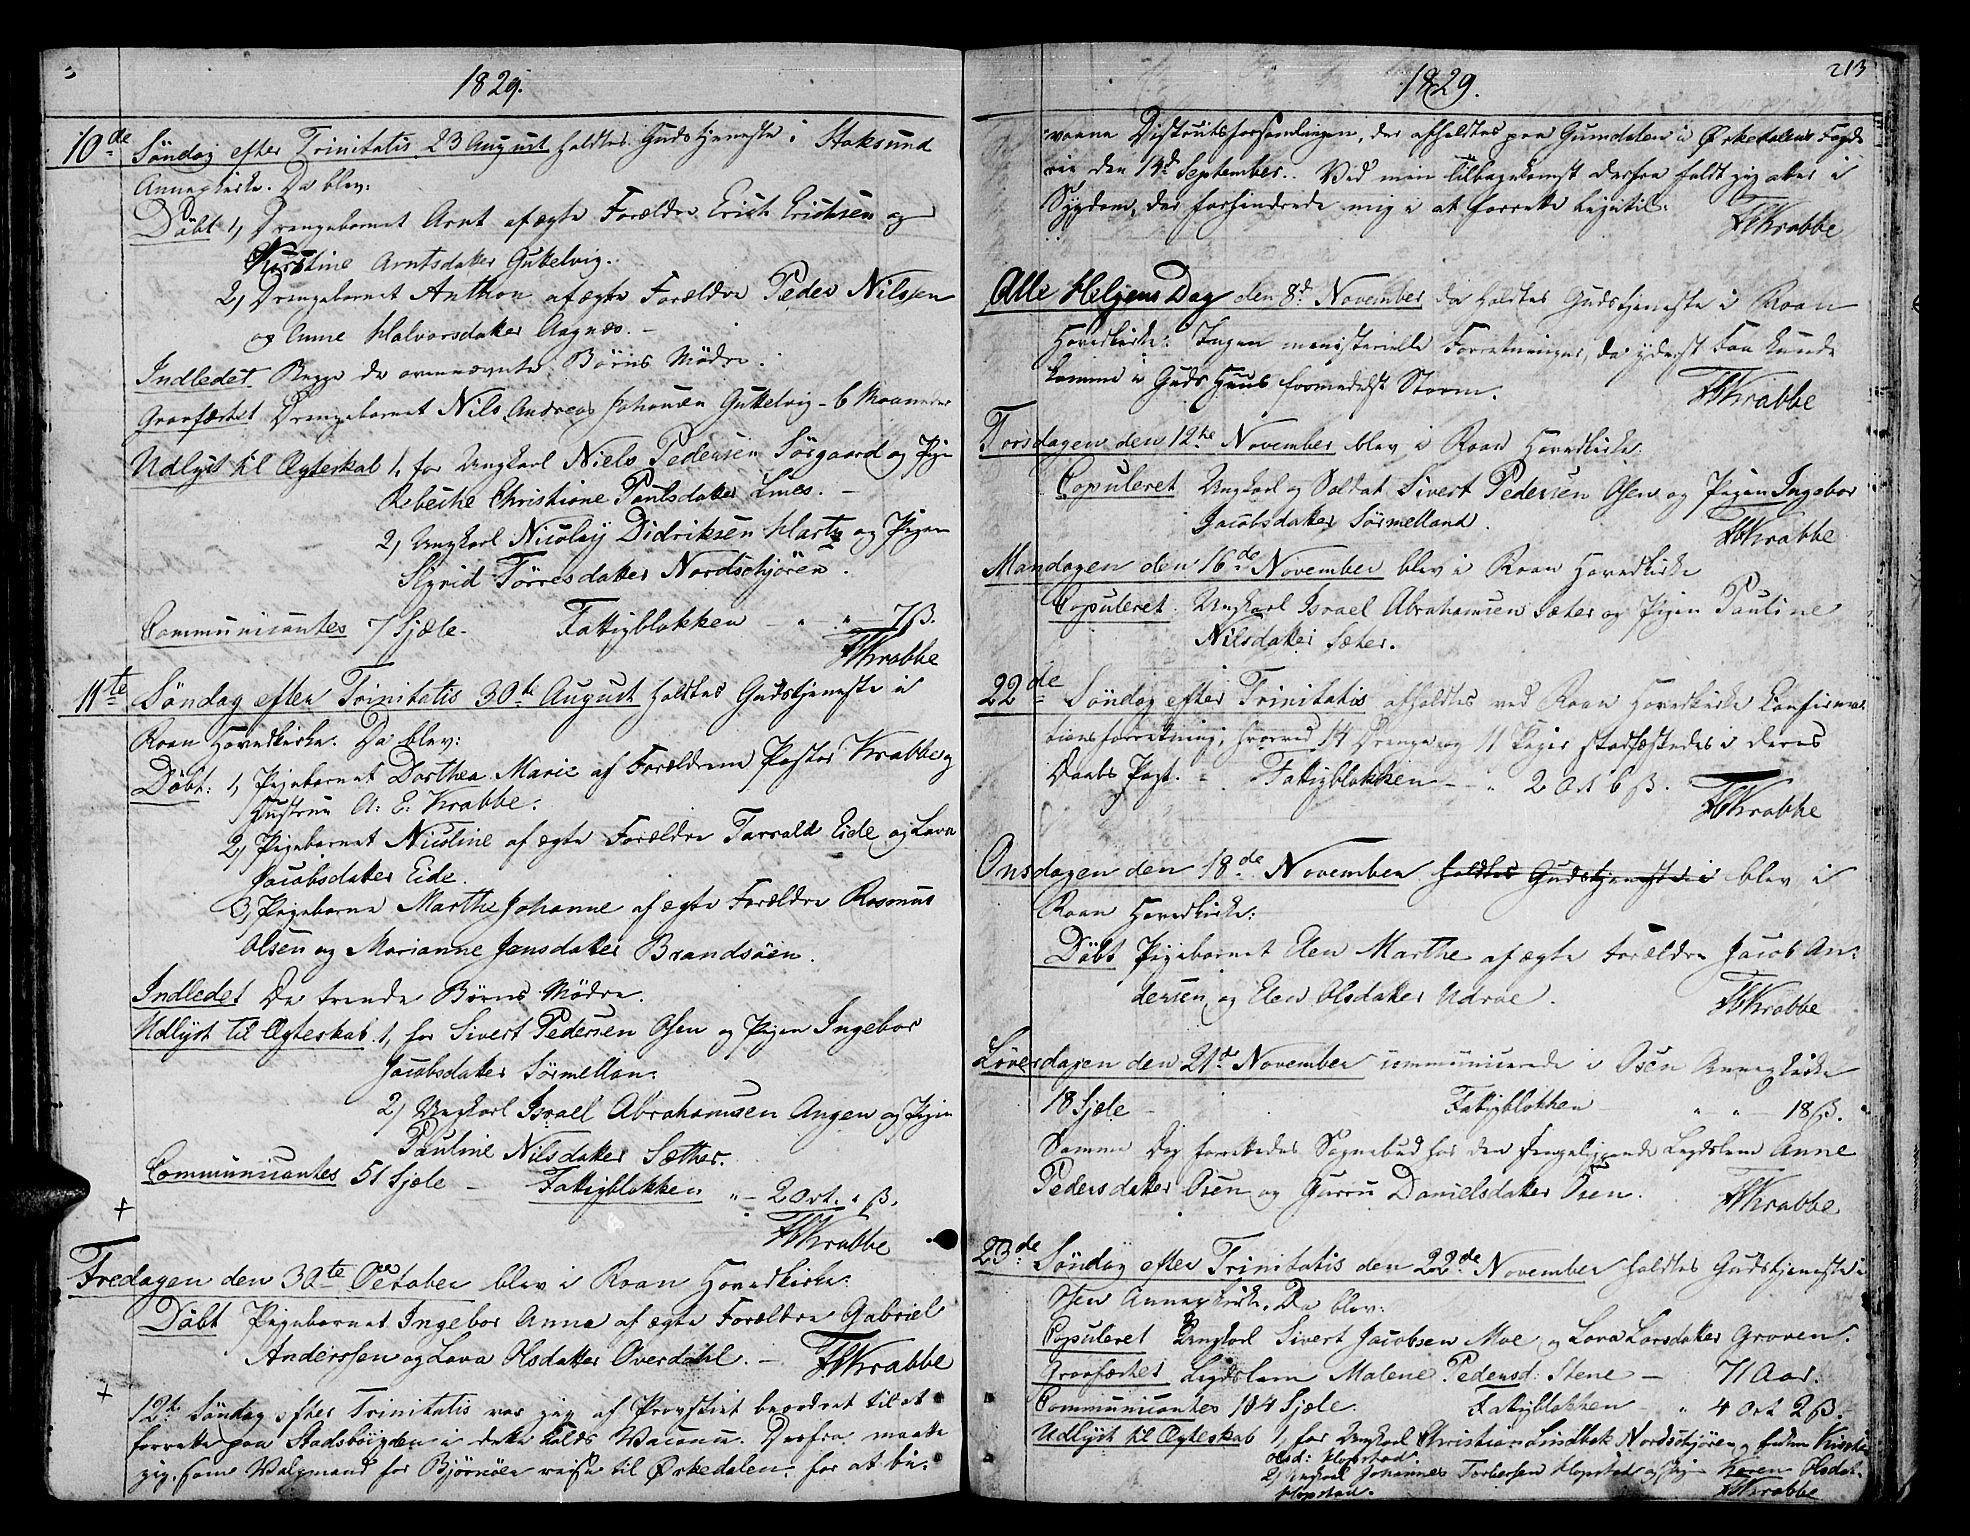 SAT, Ministerialprotokoller, klokkerbøker og fødselsregistre - Sør-Trøndelag, 657/L0701: Ministerialbok nr. 657A02, 1802-1831, s. 213